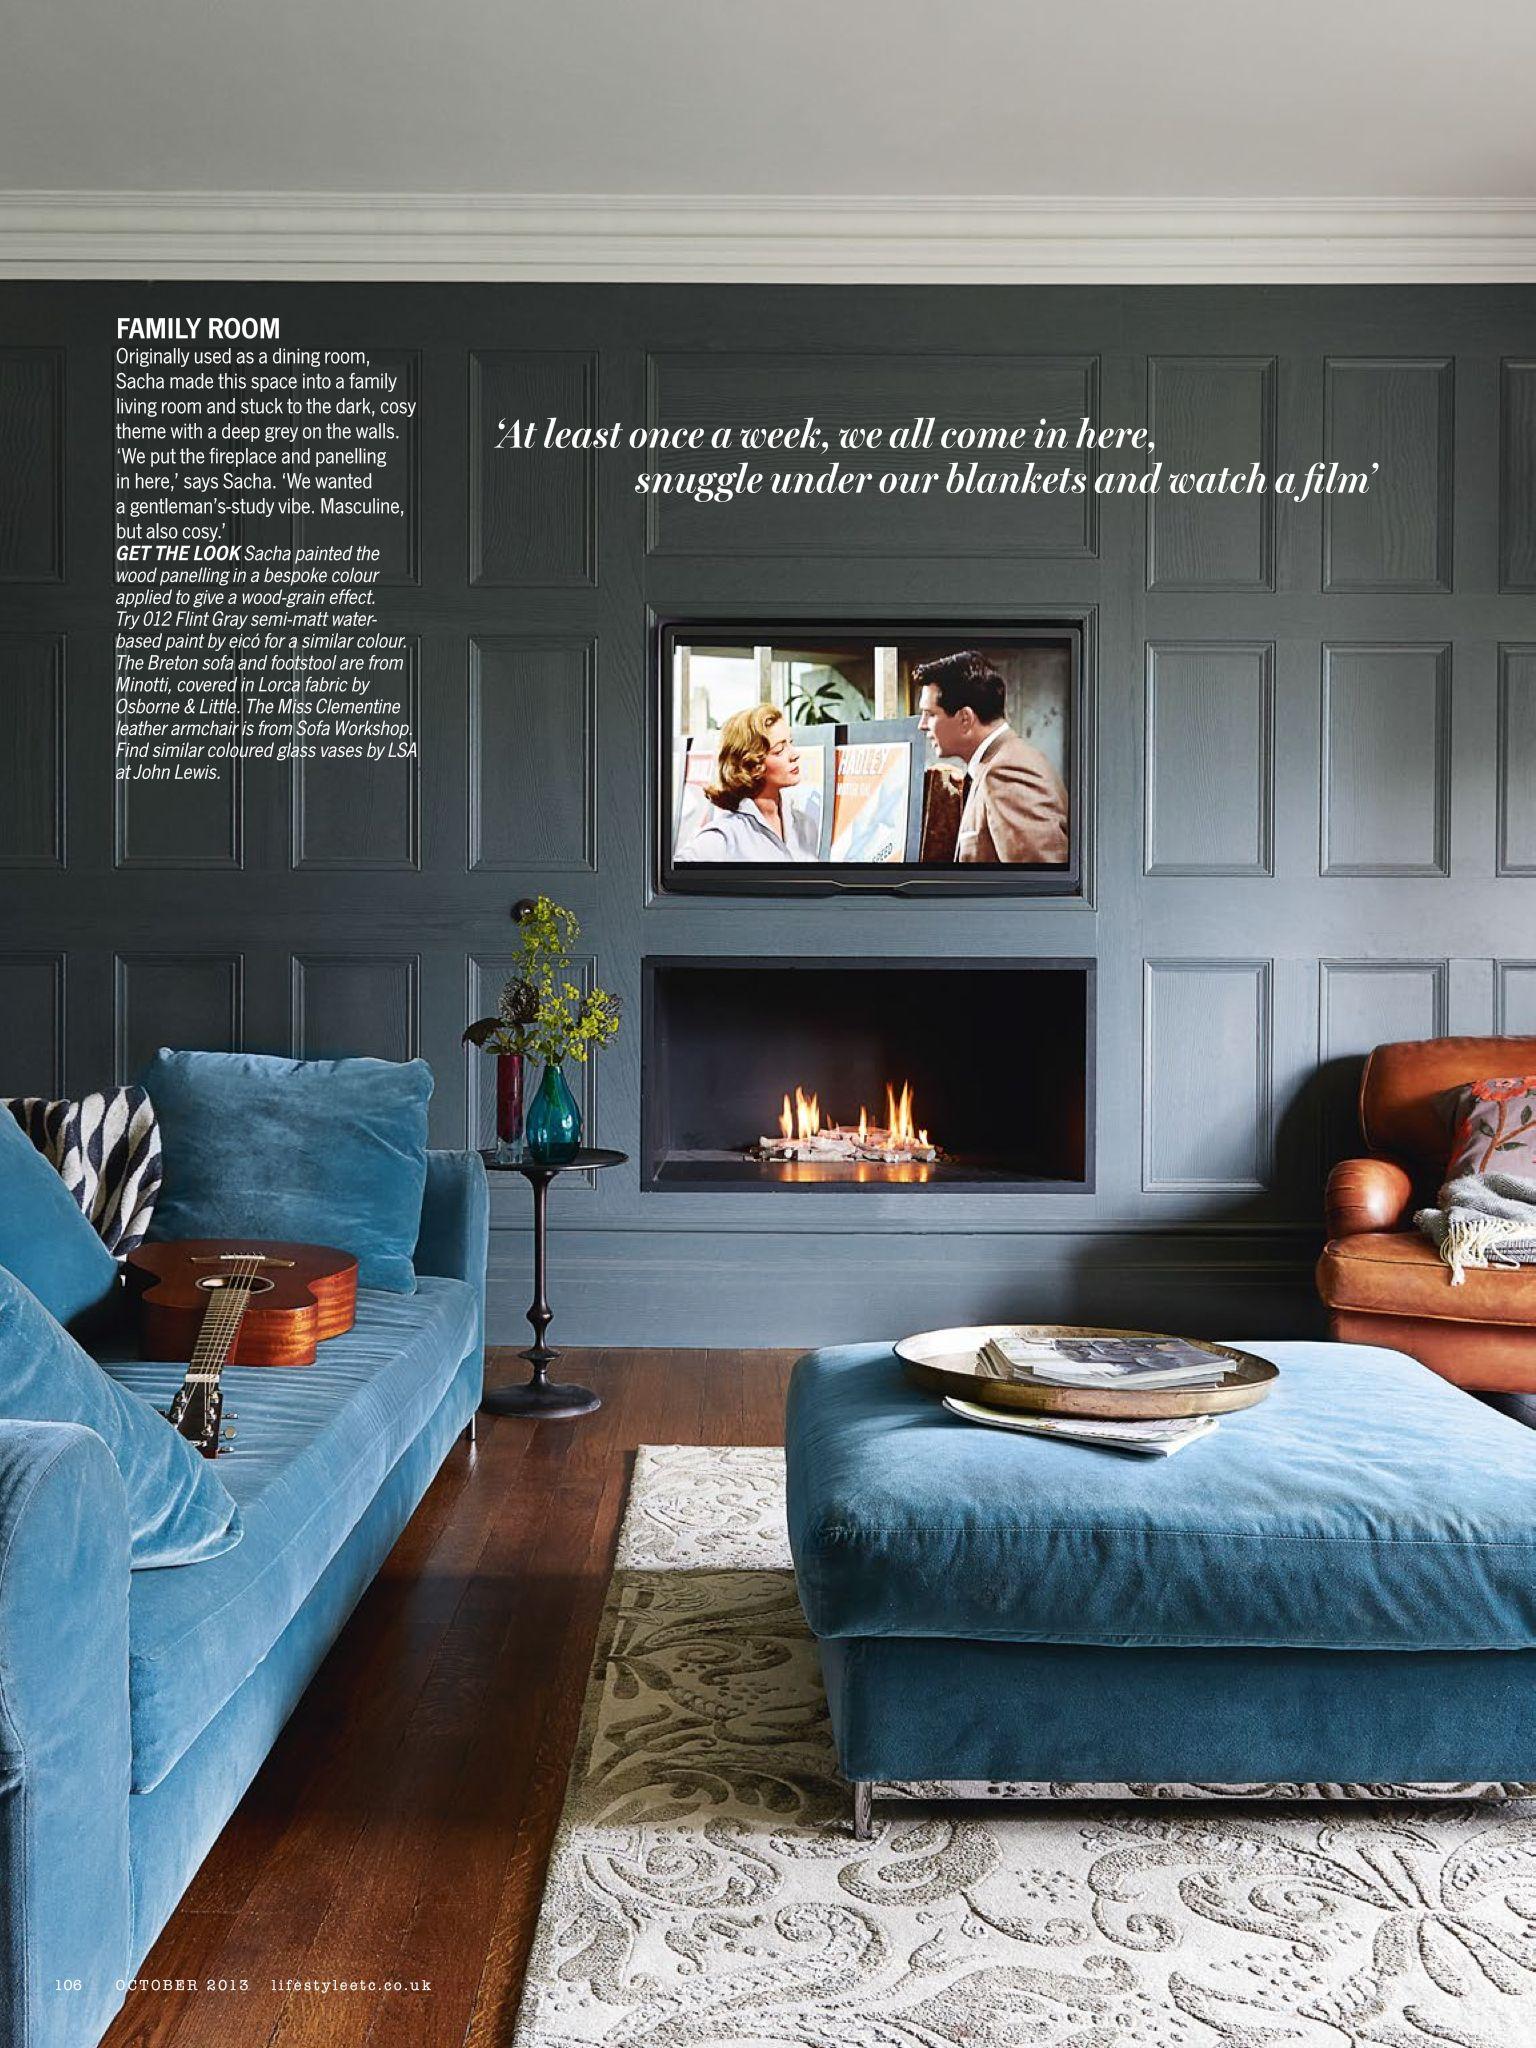 Wohnidee Alles zu den Themen Dekoration Wohnen Einrichten Selbermachen und Gestaltung rund um Haus und Garten Plus Wohn News Möbel Trends und das